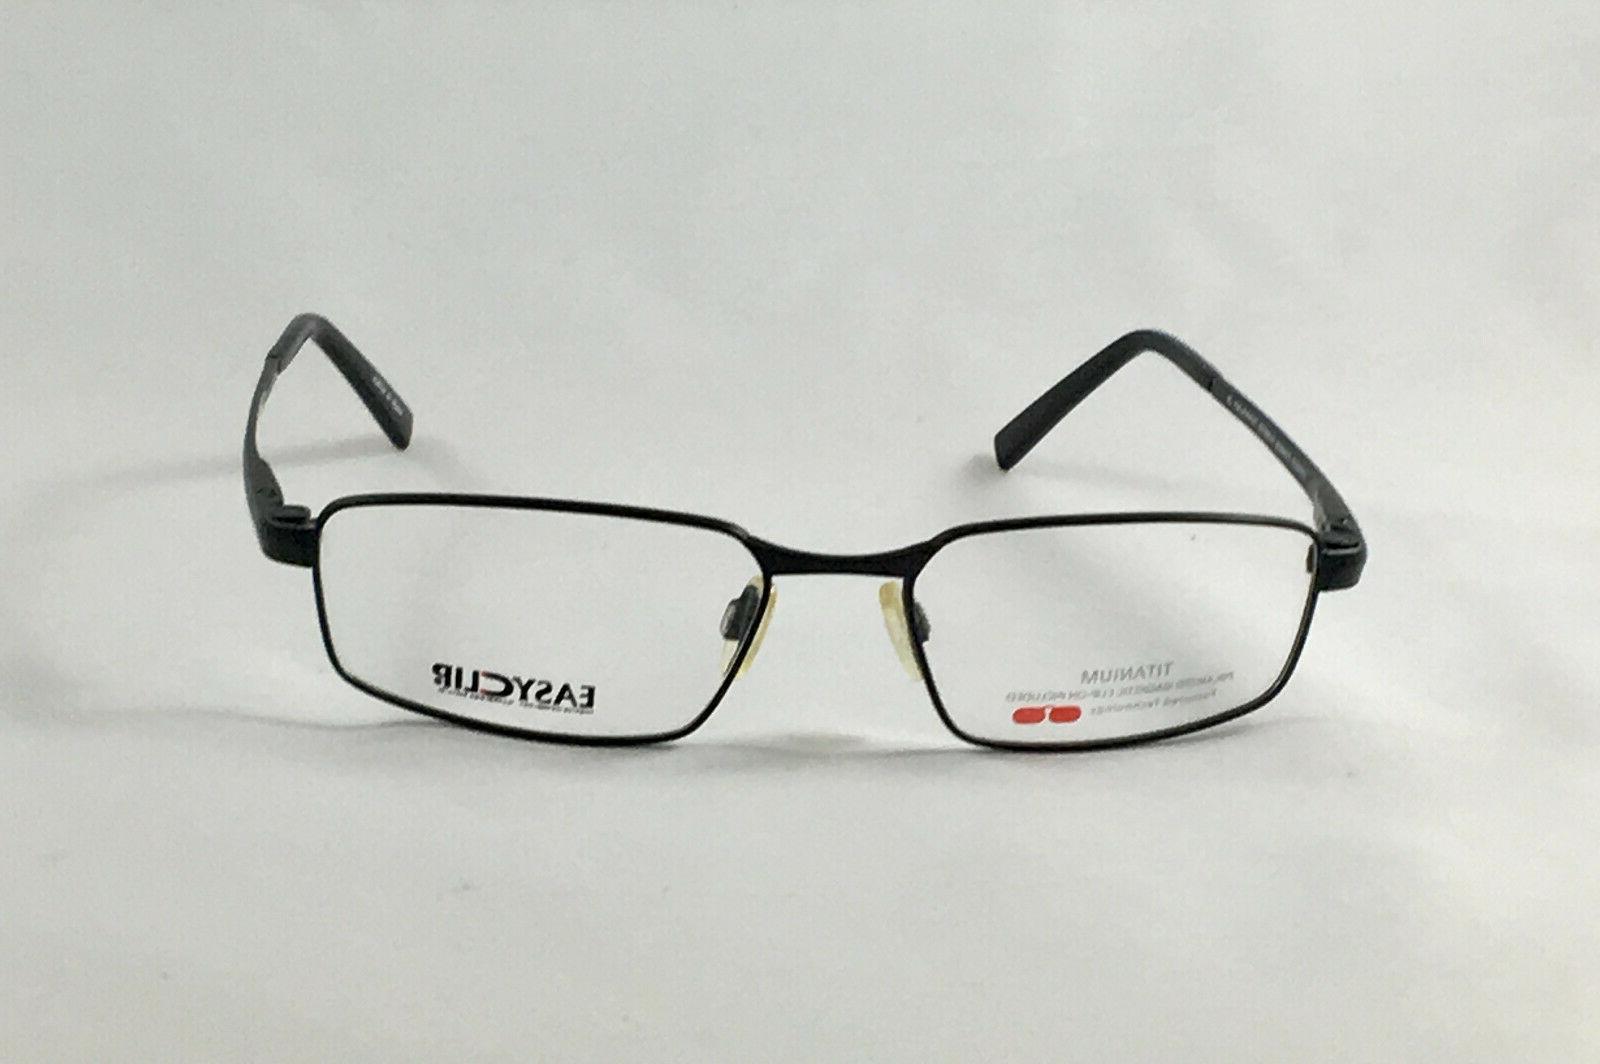 New EASYCLIP Men's Eyeglasses On